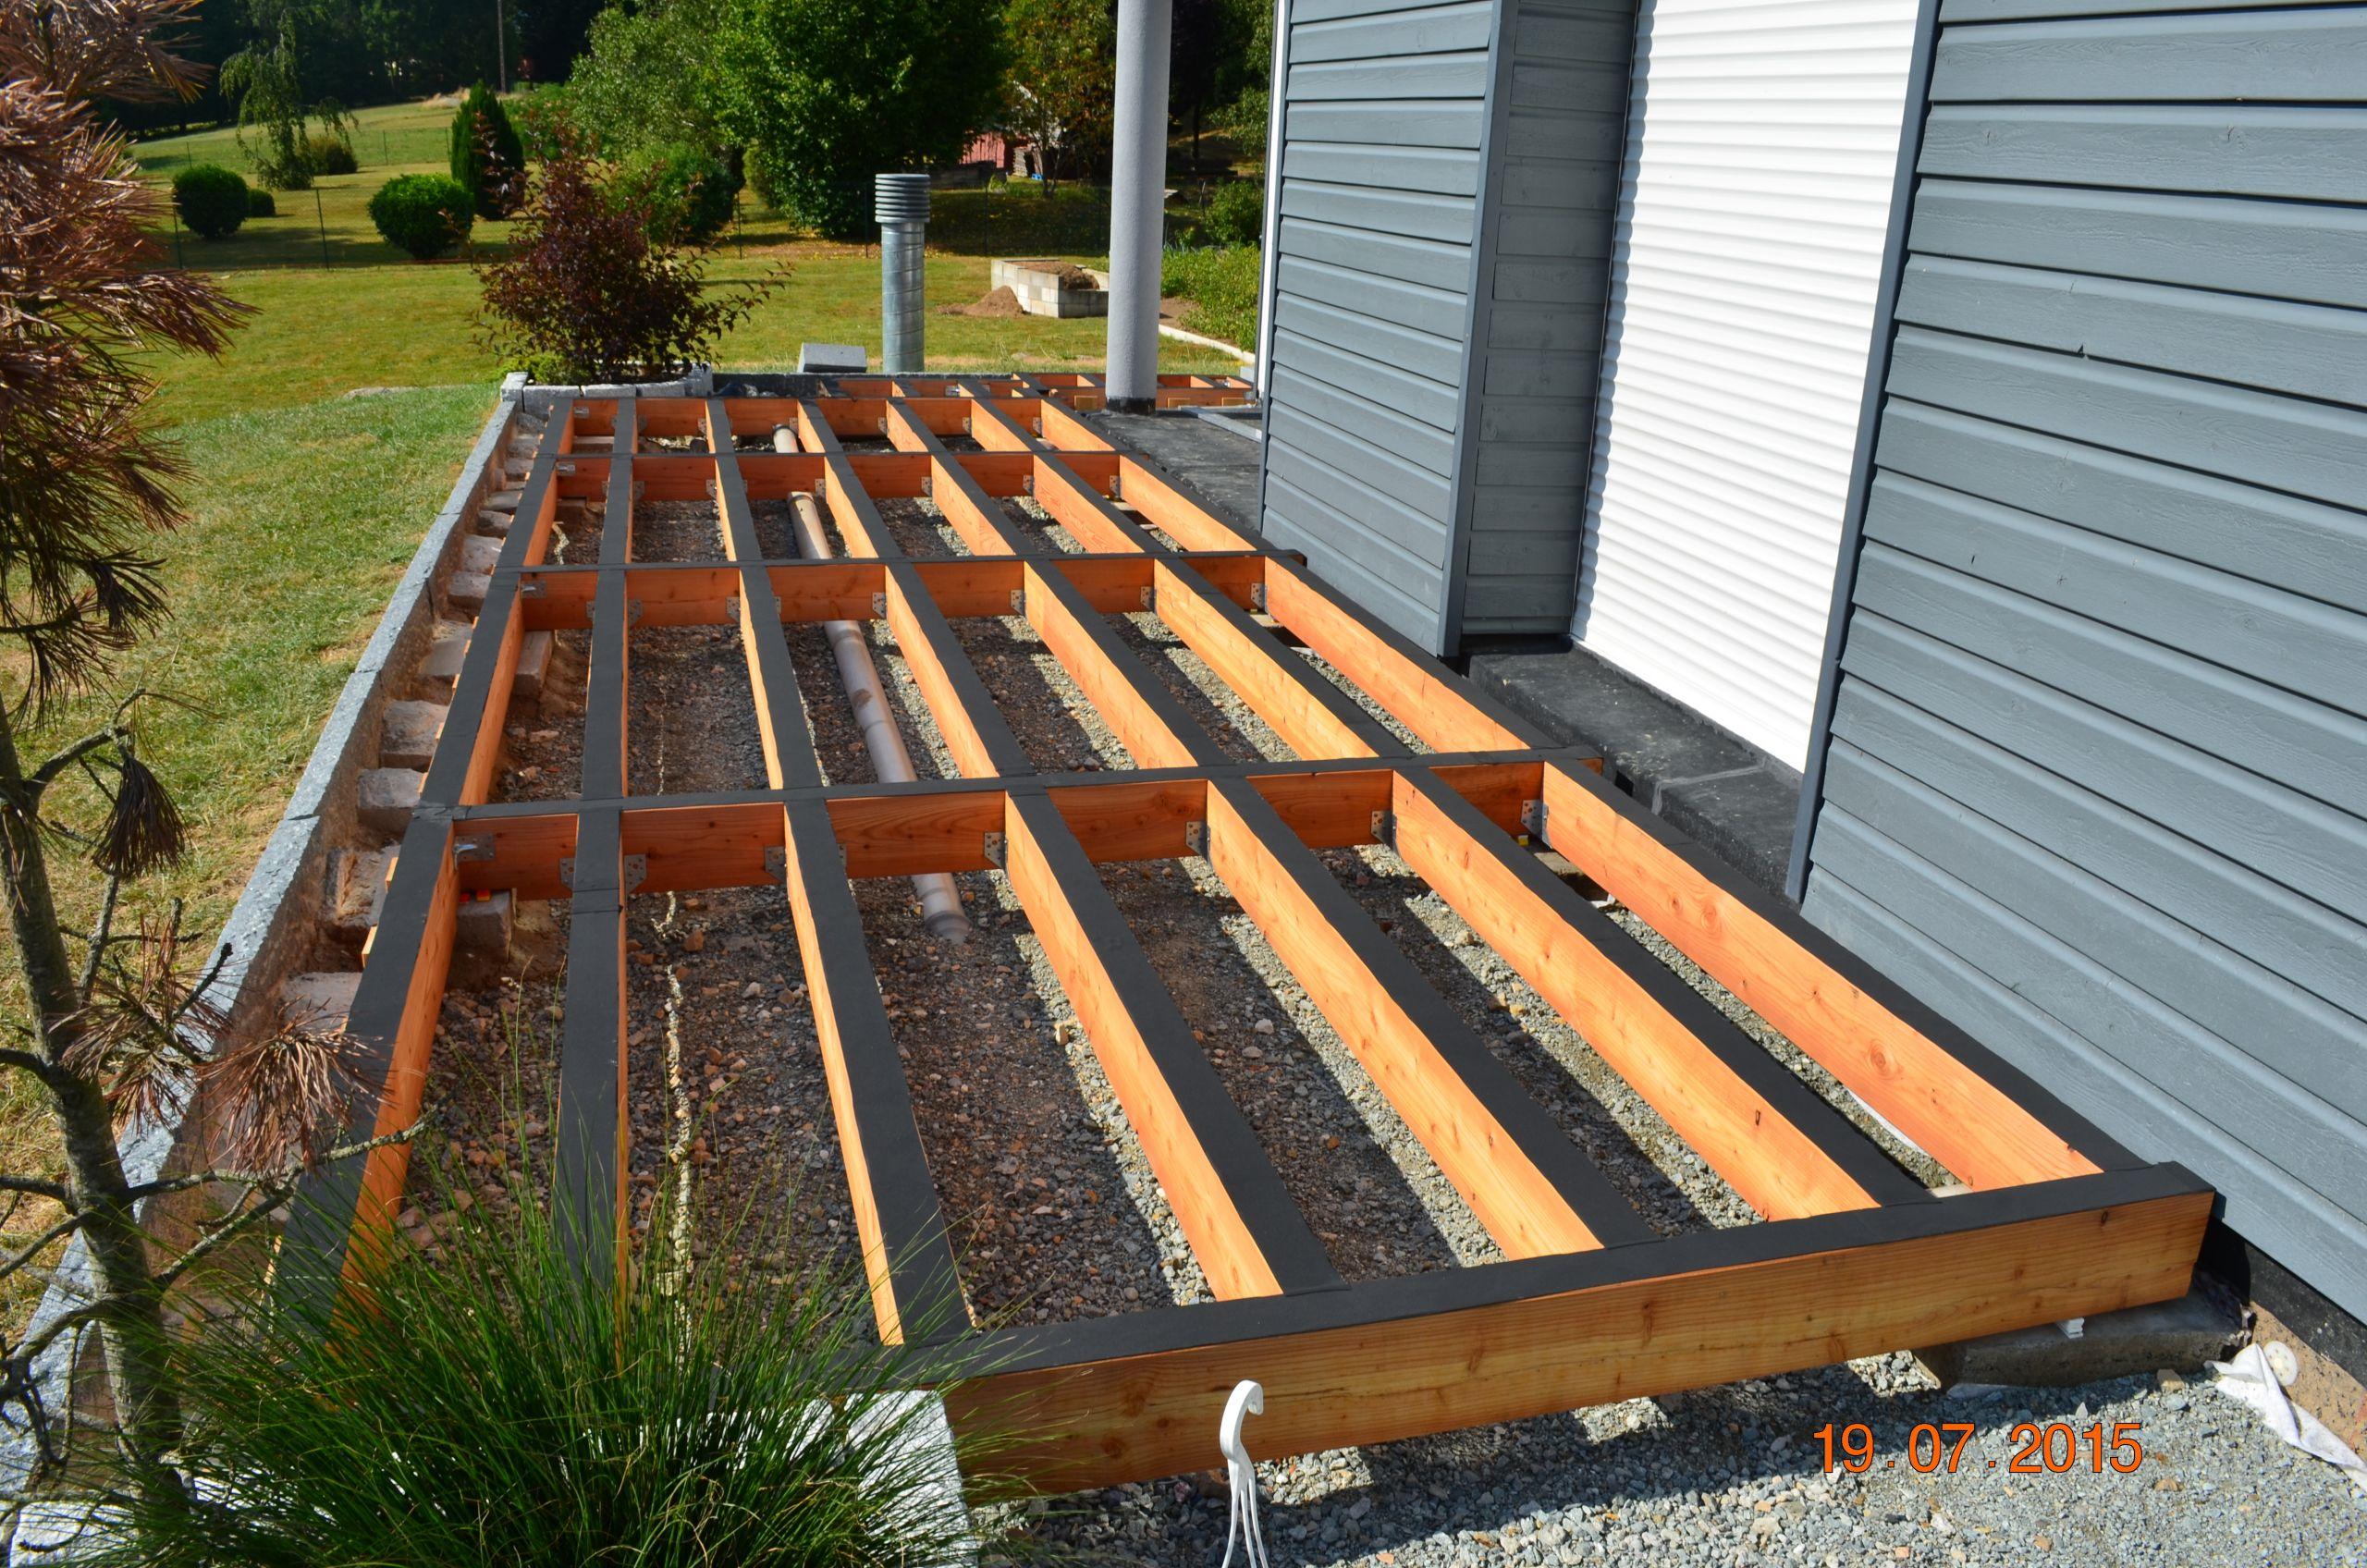 Ossature terrasse bois sur plot veranda styledevie